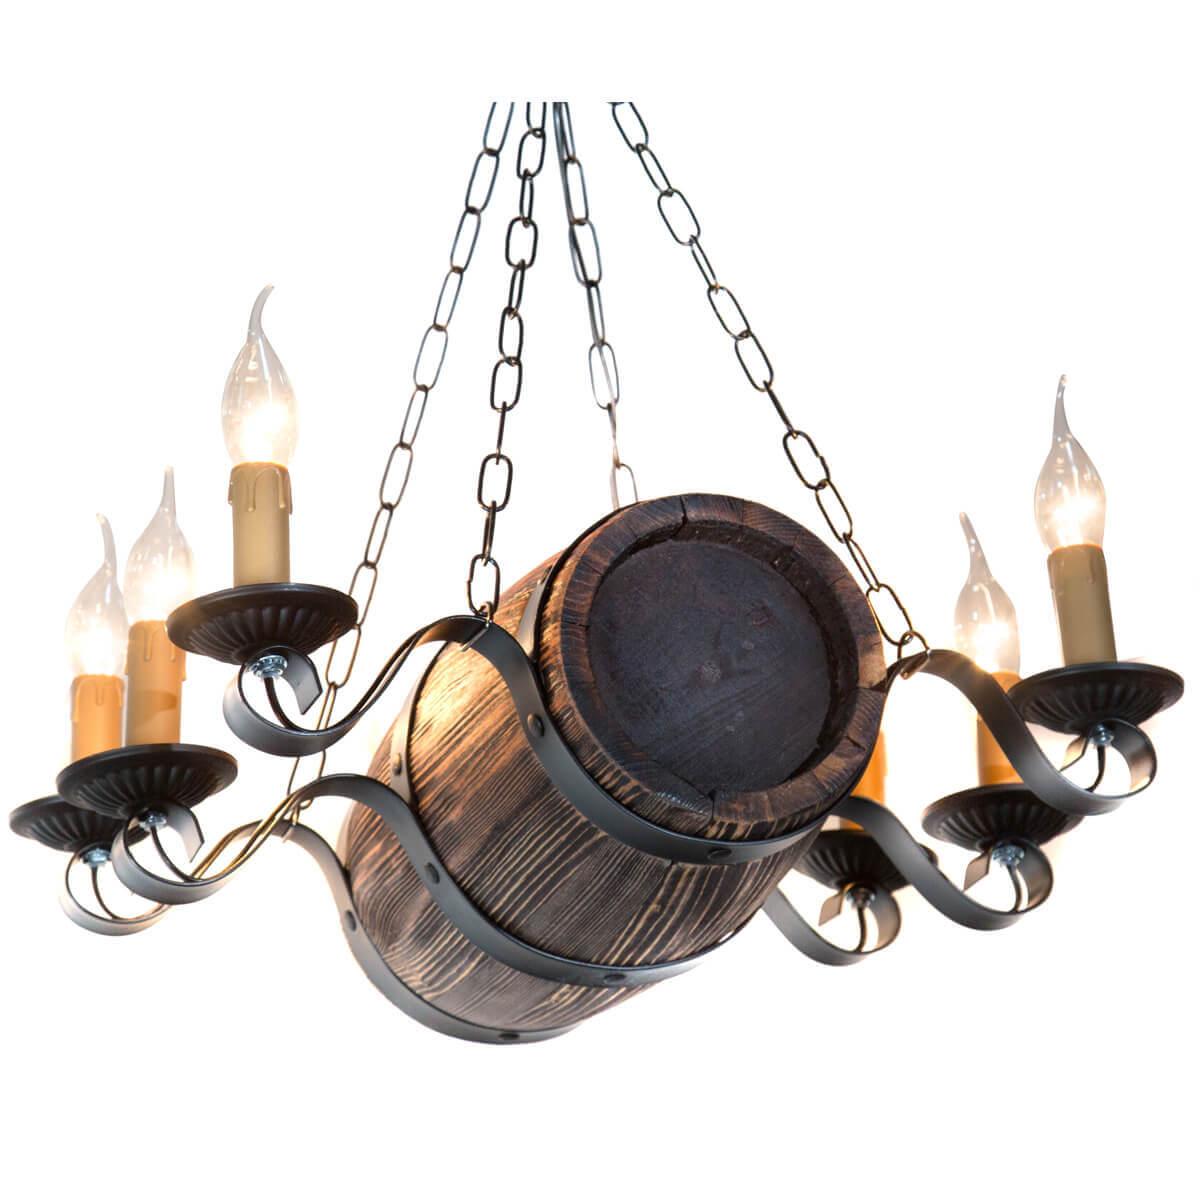 Потолочная люстра Дубравия Бочонок 187-64-16 потолочная люстра дубравия манро 114 44 25